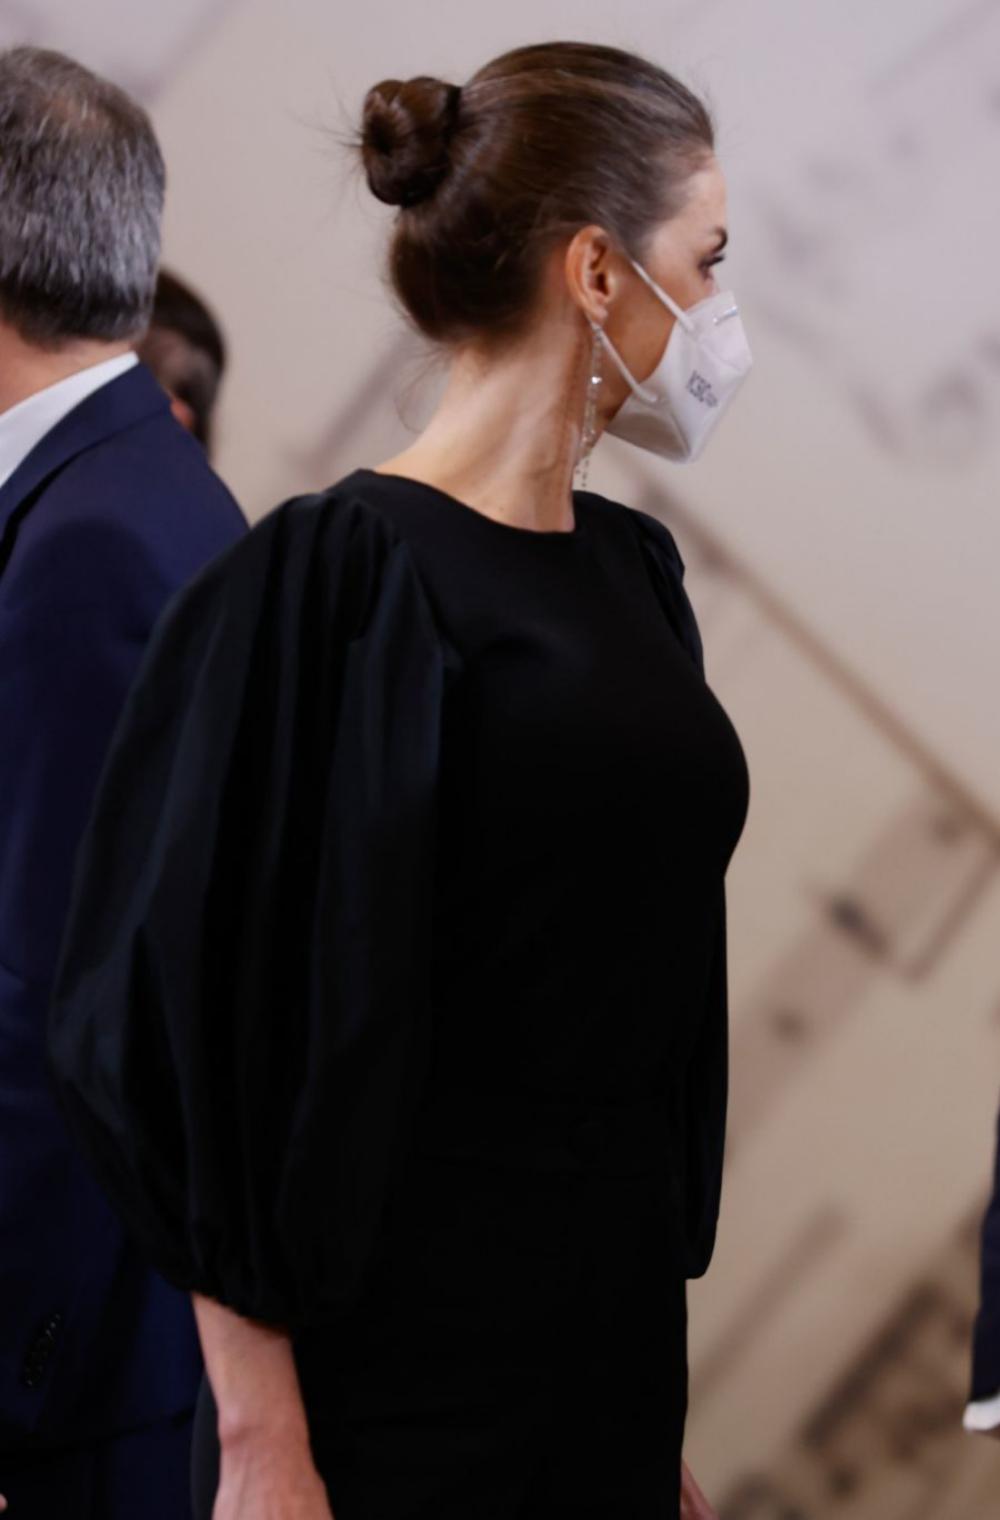 La reina Letizia con un moño alto de bailarina que estiliza su rostro, incluso con mascarilla.